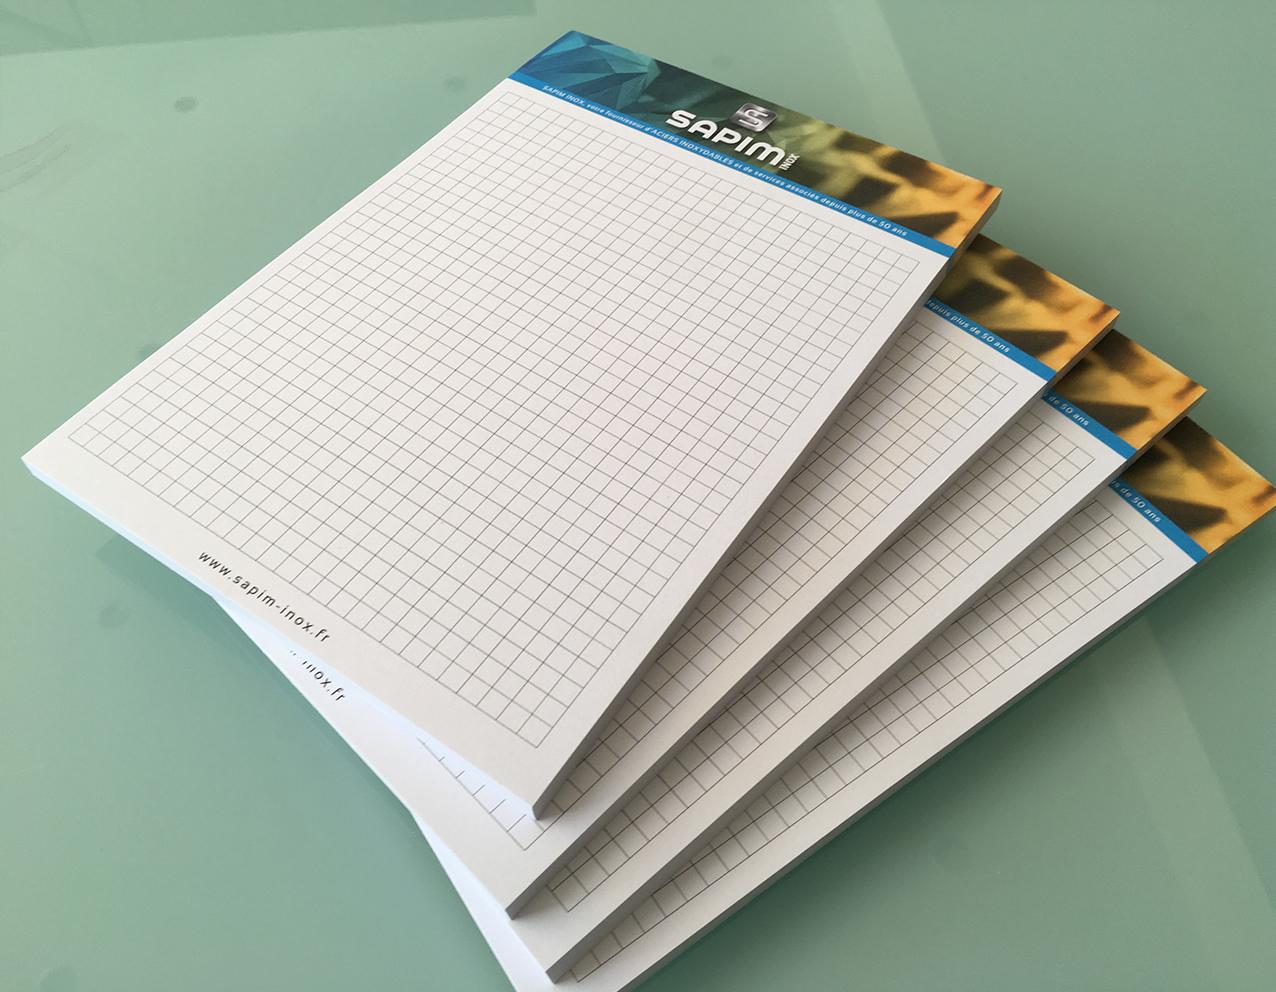 SAPIM bloc note2